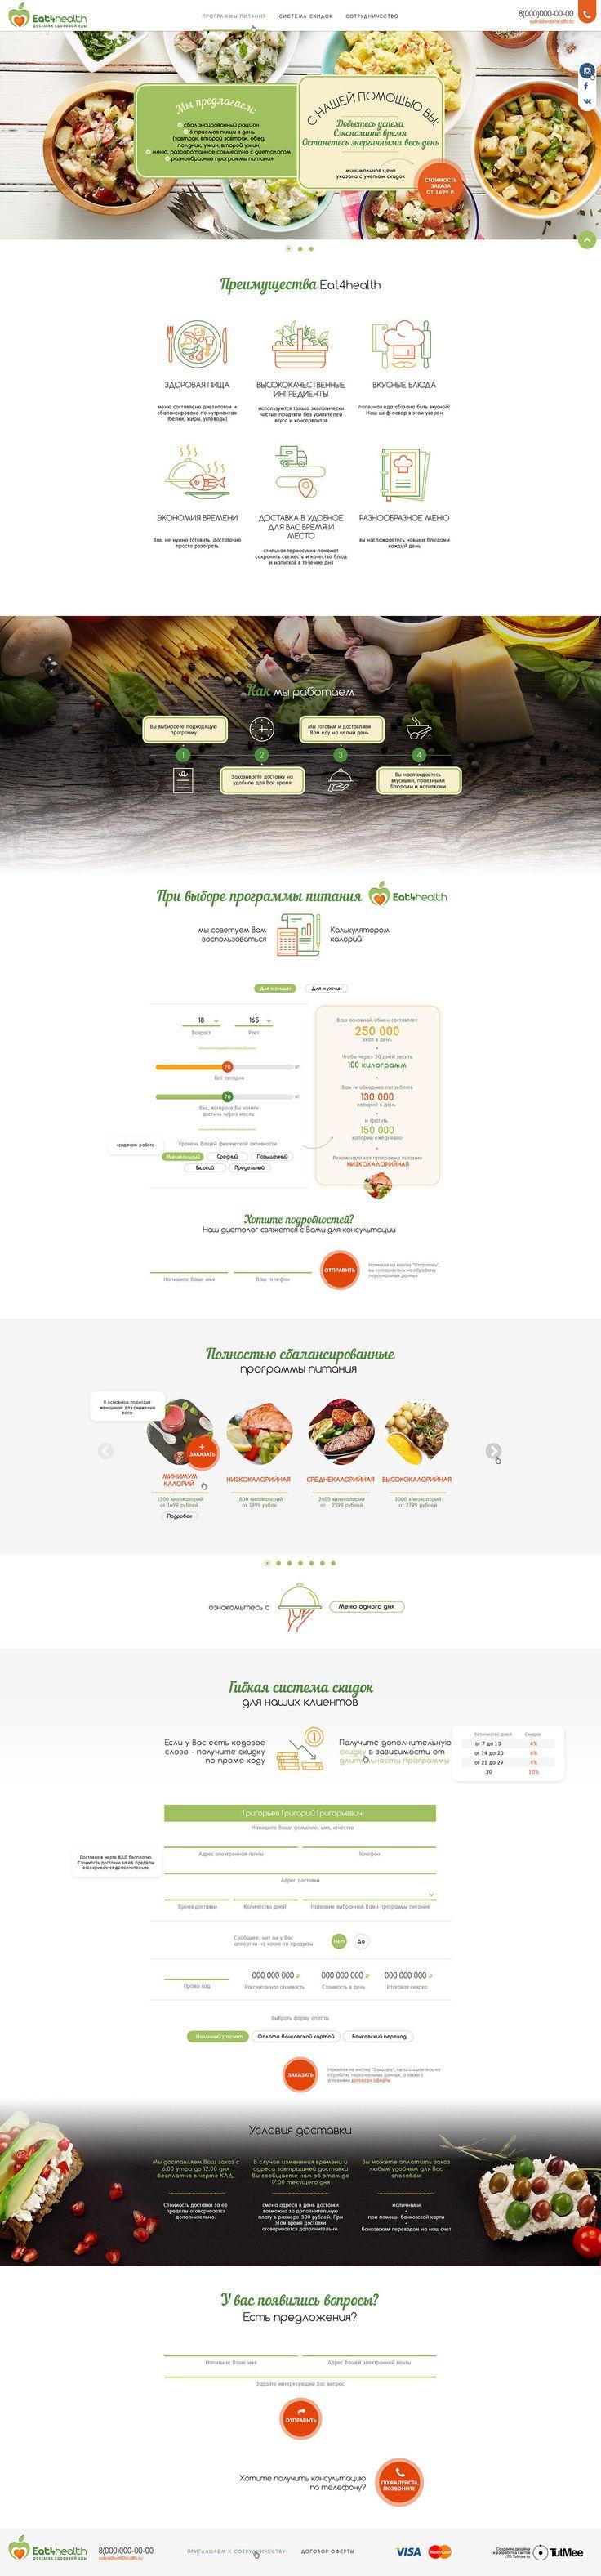 次の @Behance プロジェクトを見る : 「Landing page for delivery healthy food」 https://www.behance.net/gallery/44651949/Landing-page-for-delivery-healthy-food